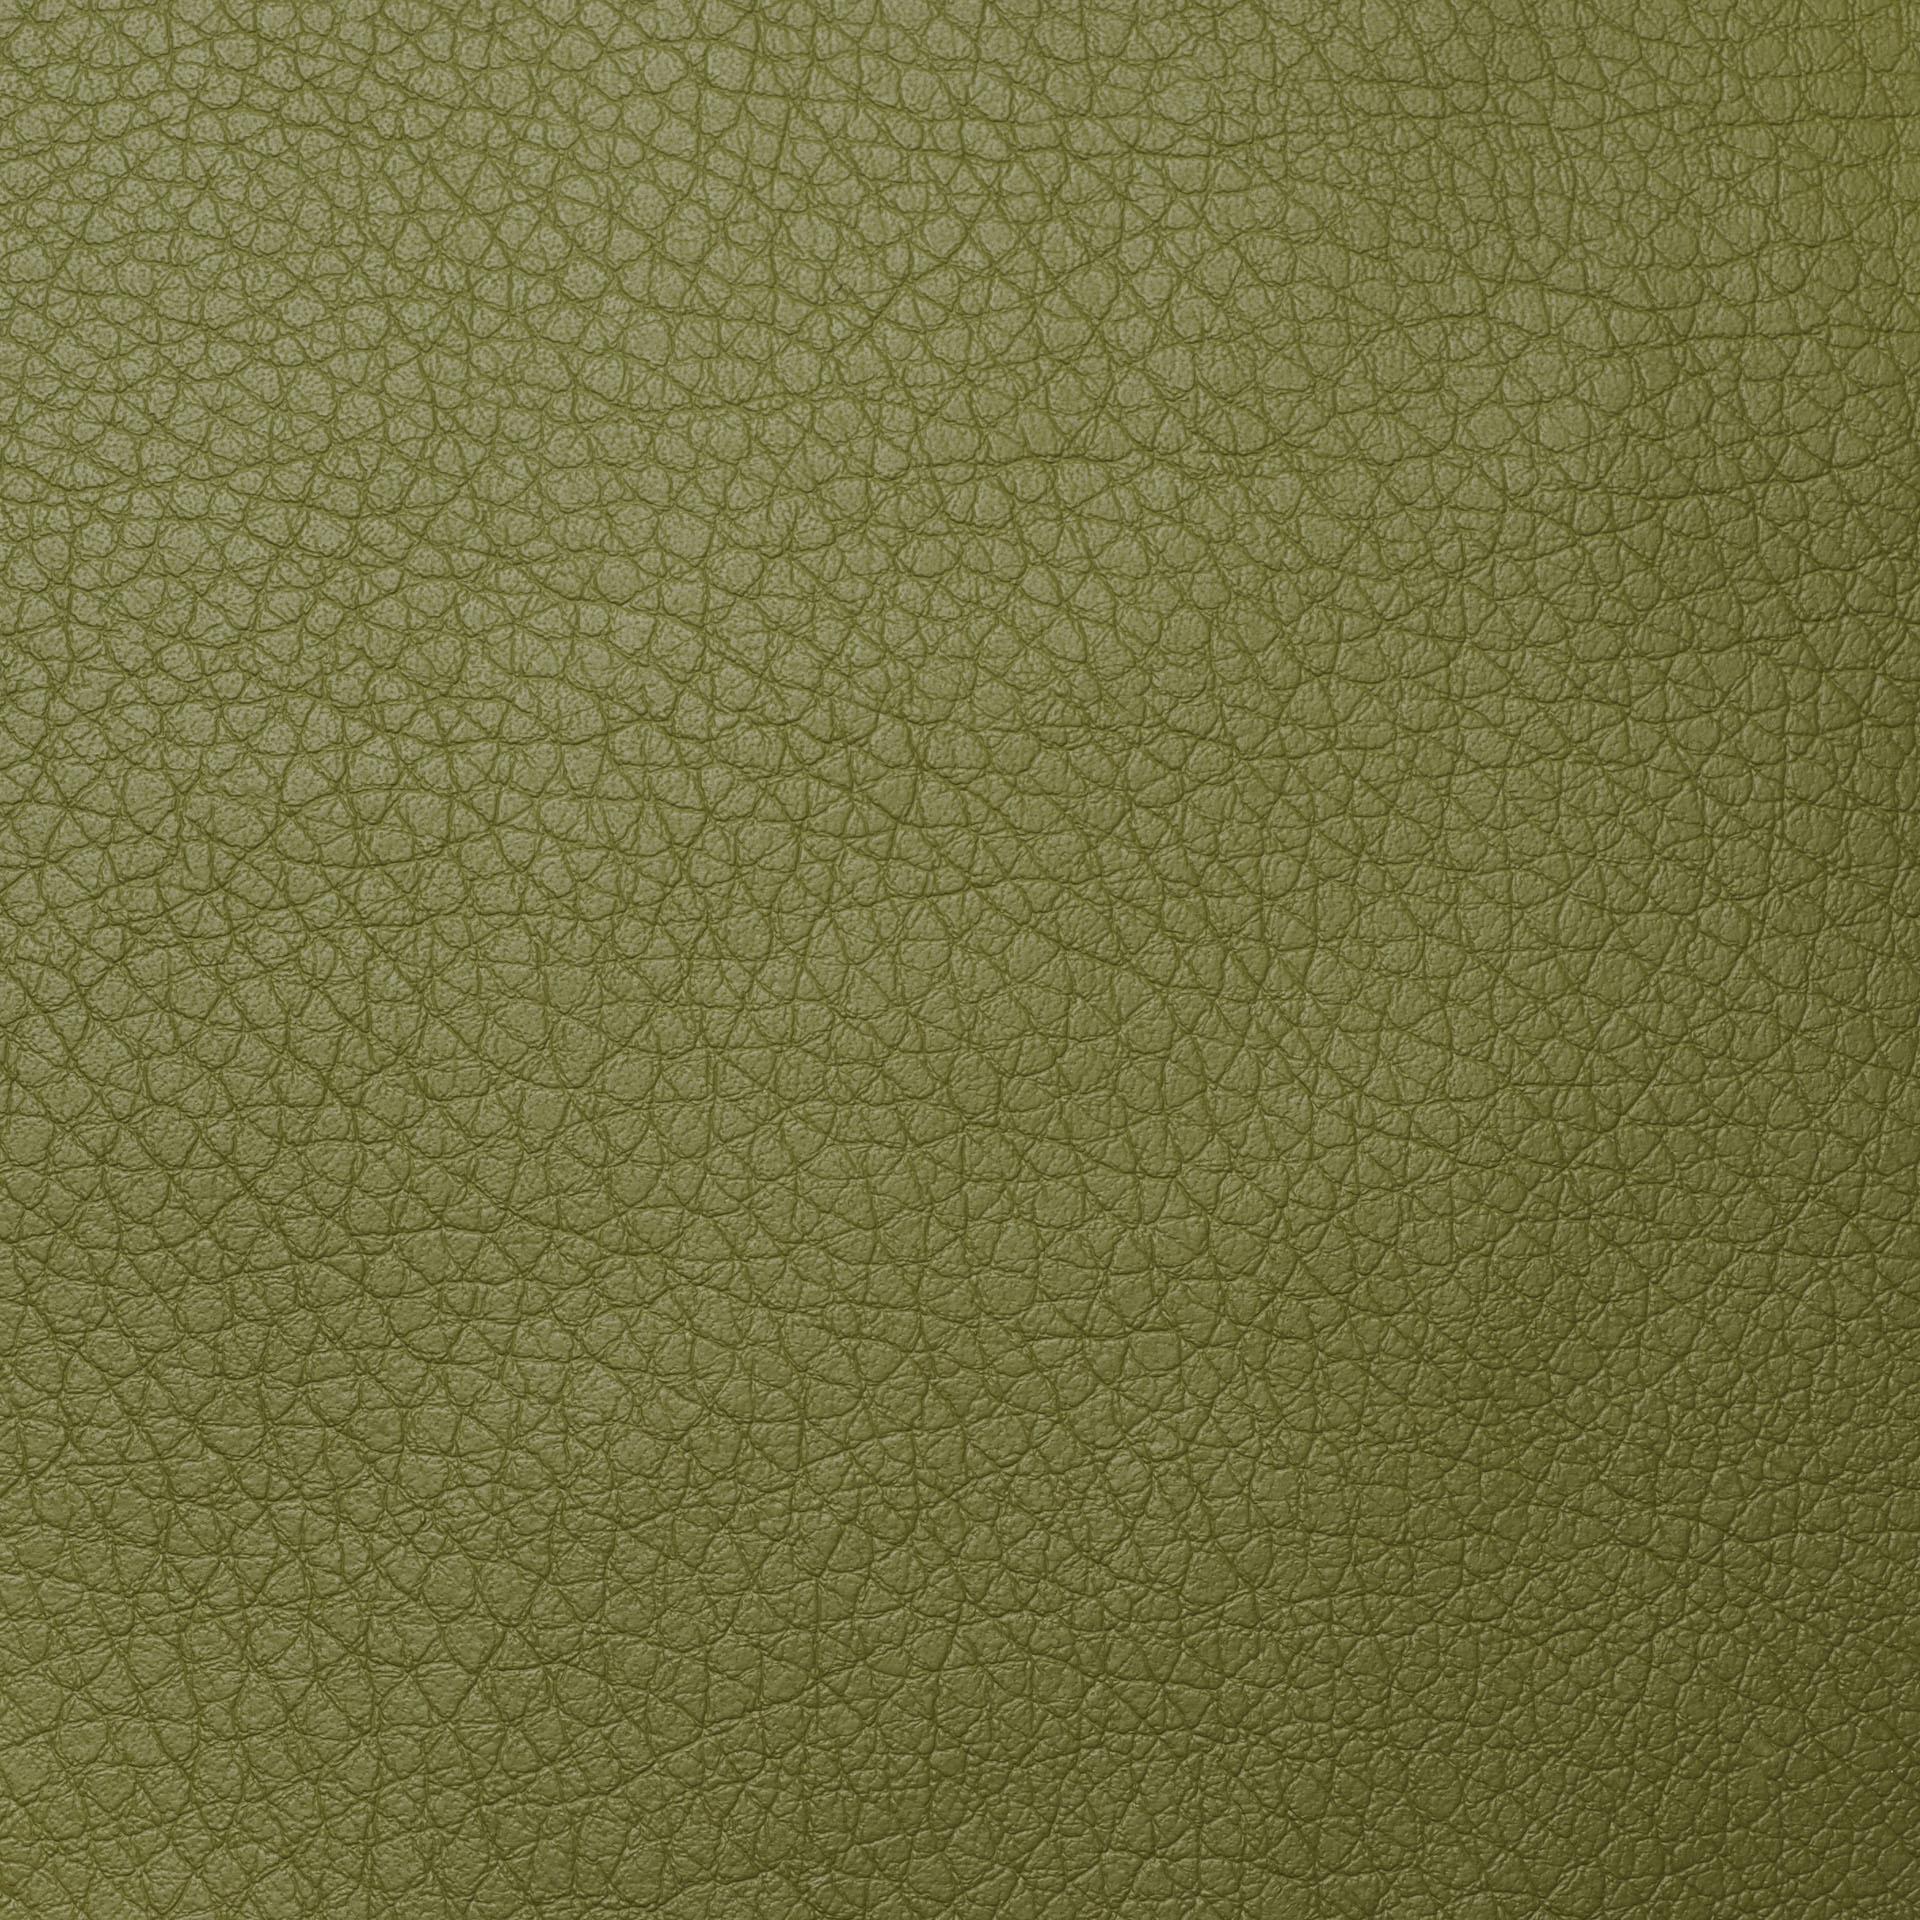 Коллекция ткани Софитель 06 Grass Green,  купить ткань Кож зам для мебели Украина